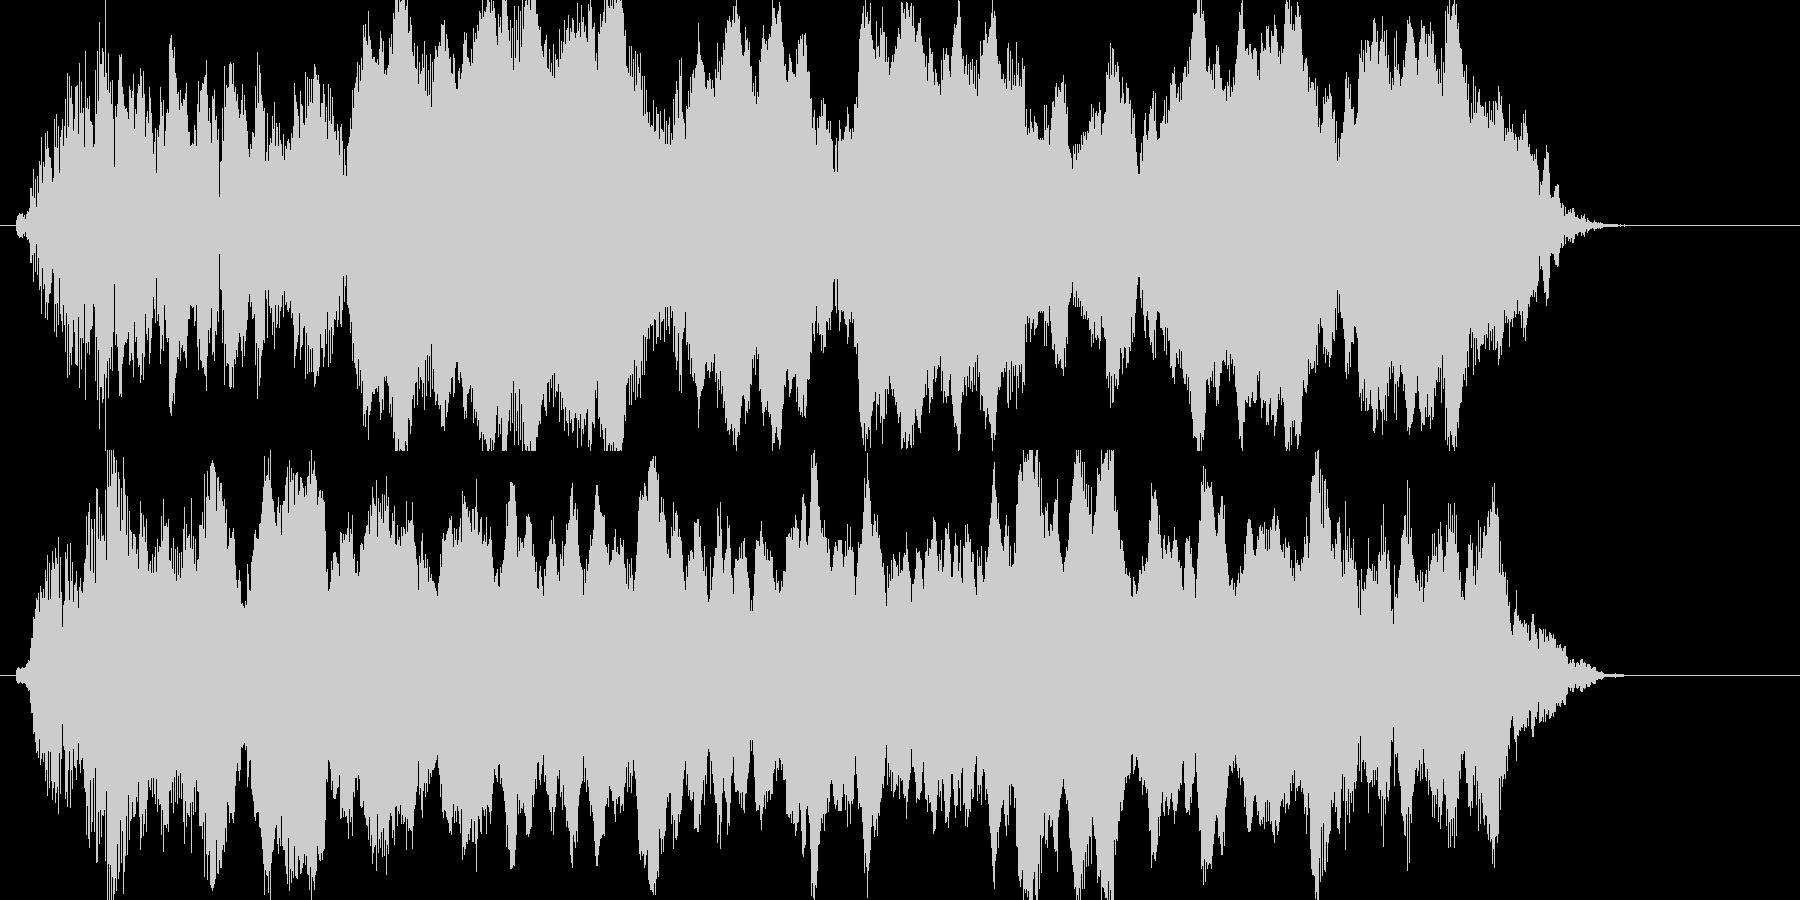 汽笛の音圧CD規格ですの未再生の波形